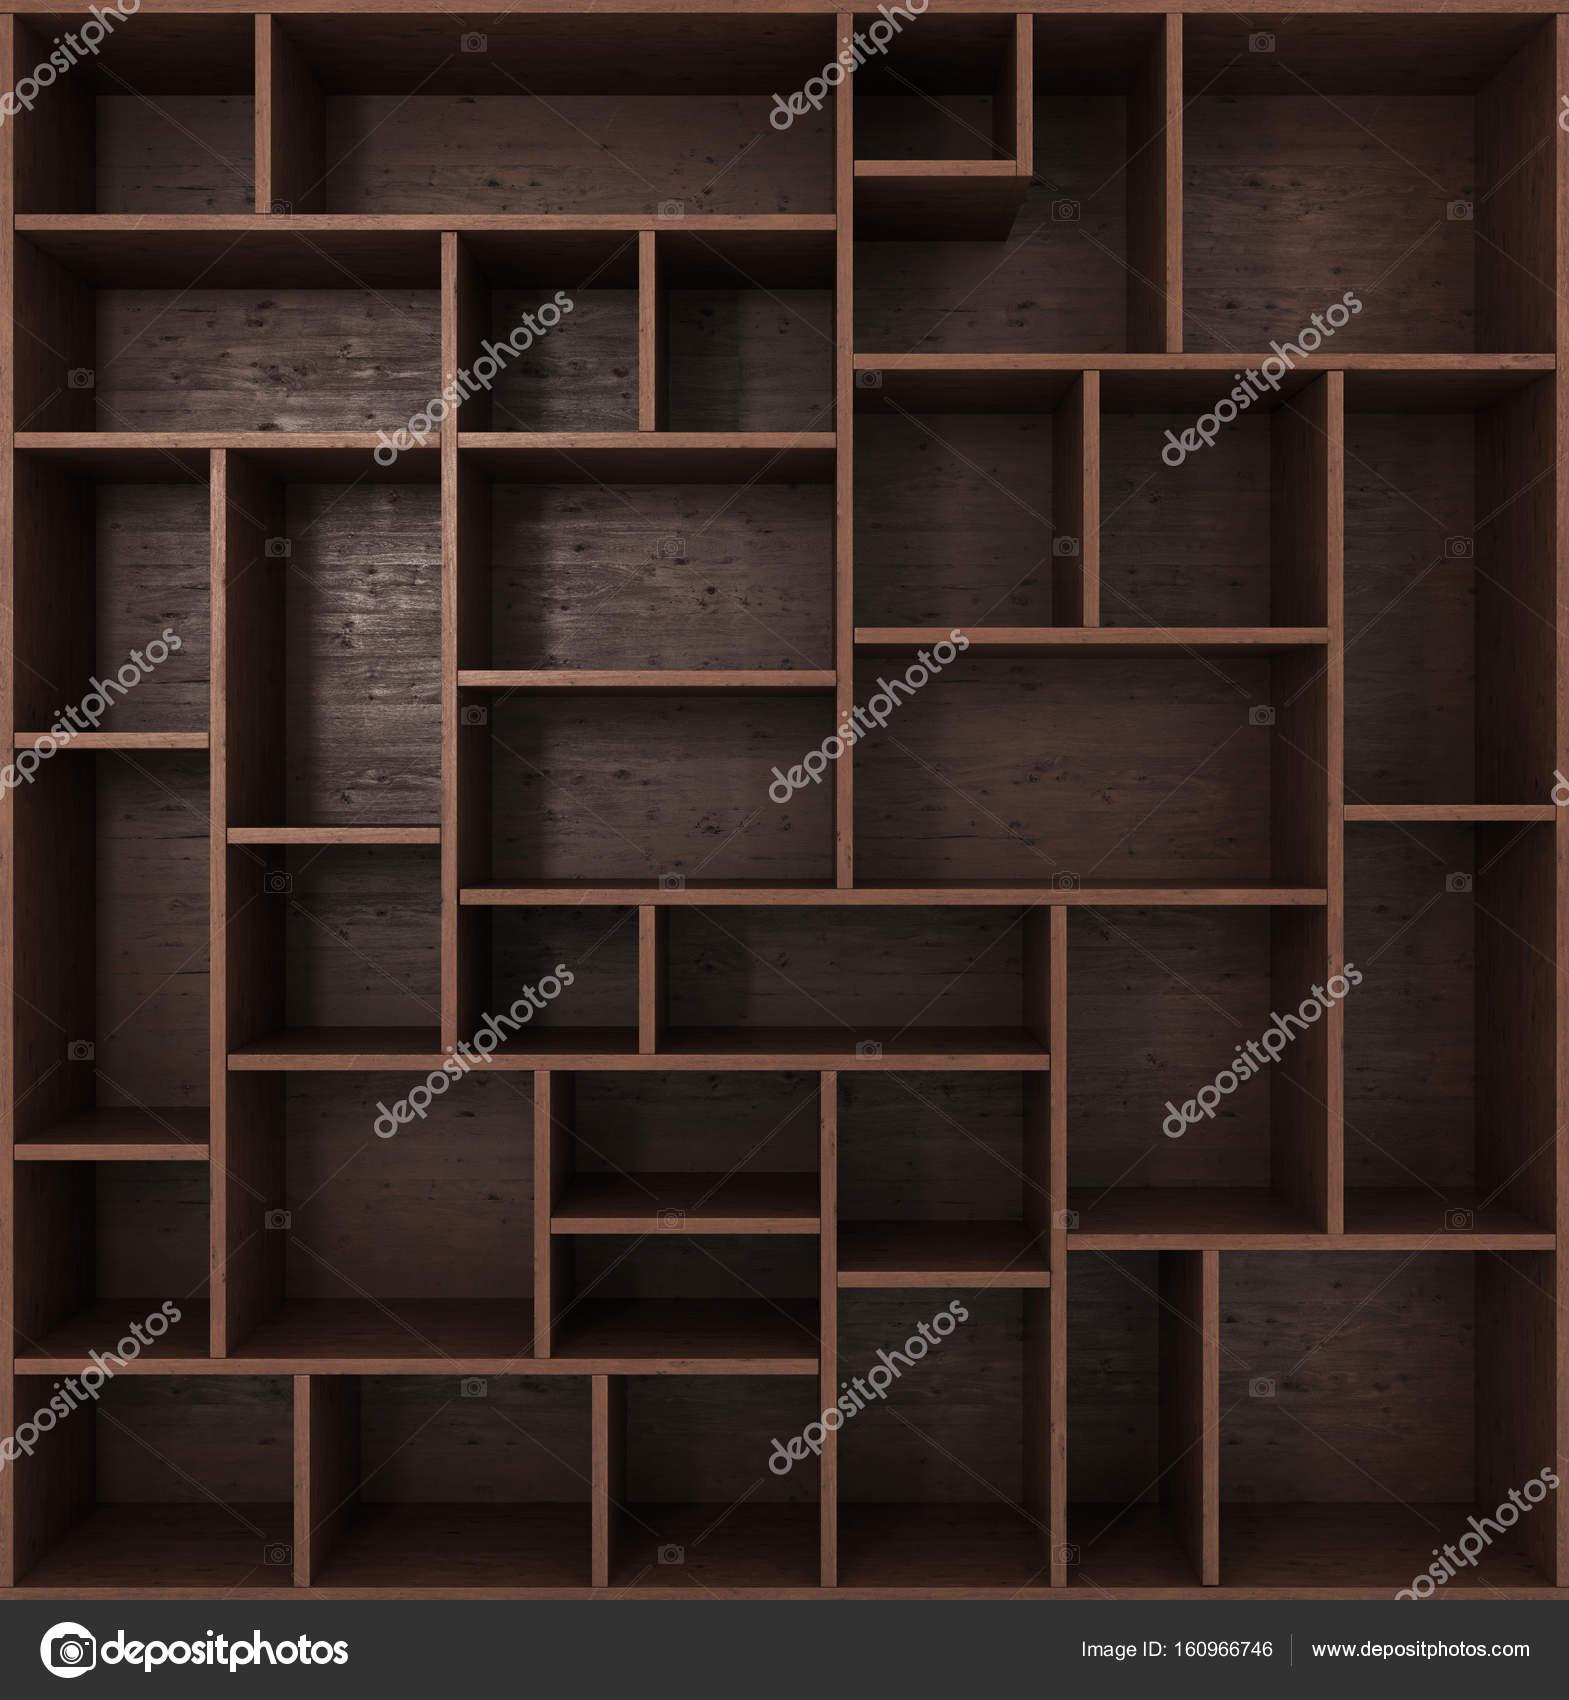 Unika Mörk bokhylla med hyllor isolerade på vit bakgrund CW-86